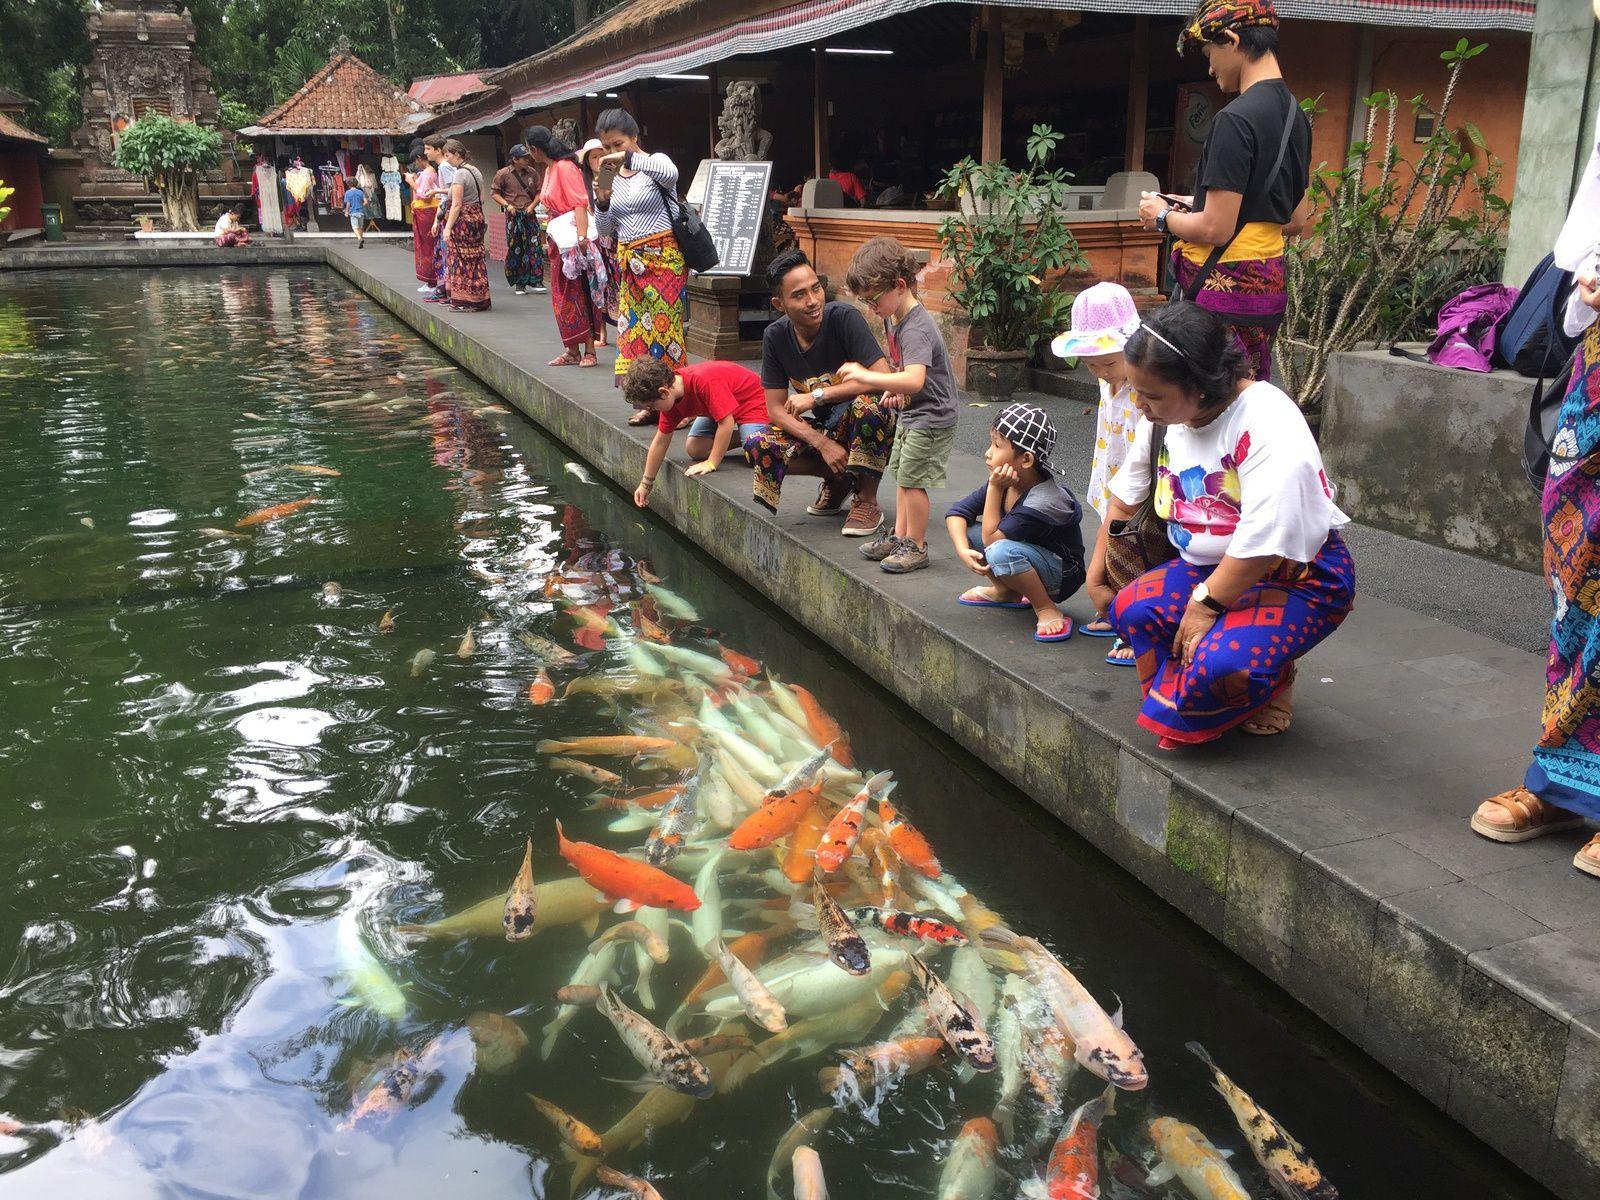 Toujours au Tirta Empul, d'énormes poissons rouges impressionnent les garçons. Yanmu, notre chauffeur, est toujours bienveillant envers les garçons.